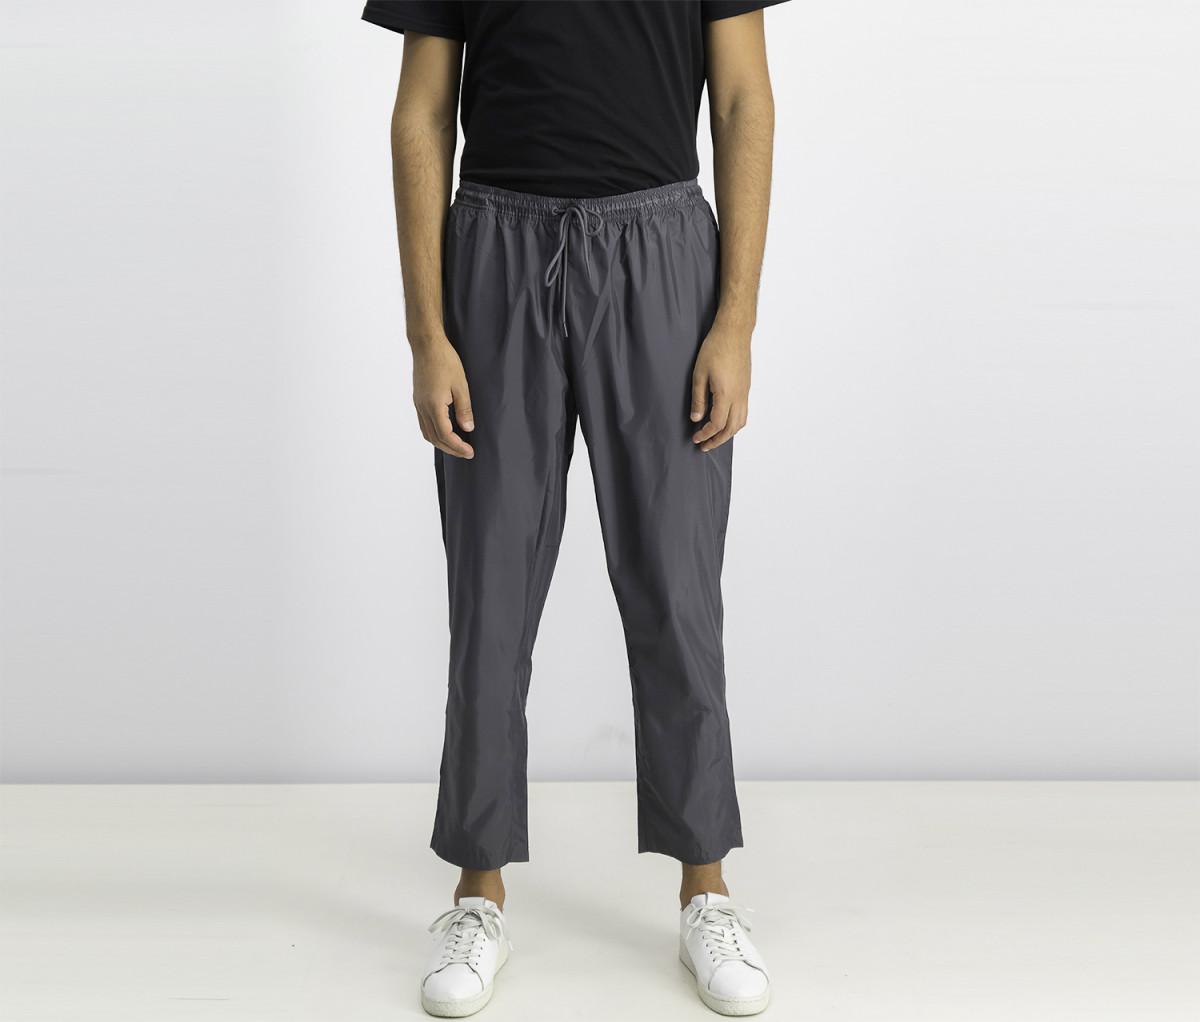 Reebok Mens Workout Woven Pants  Grey